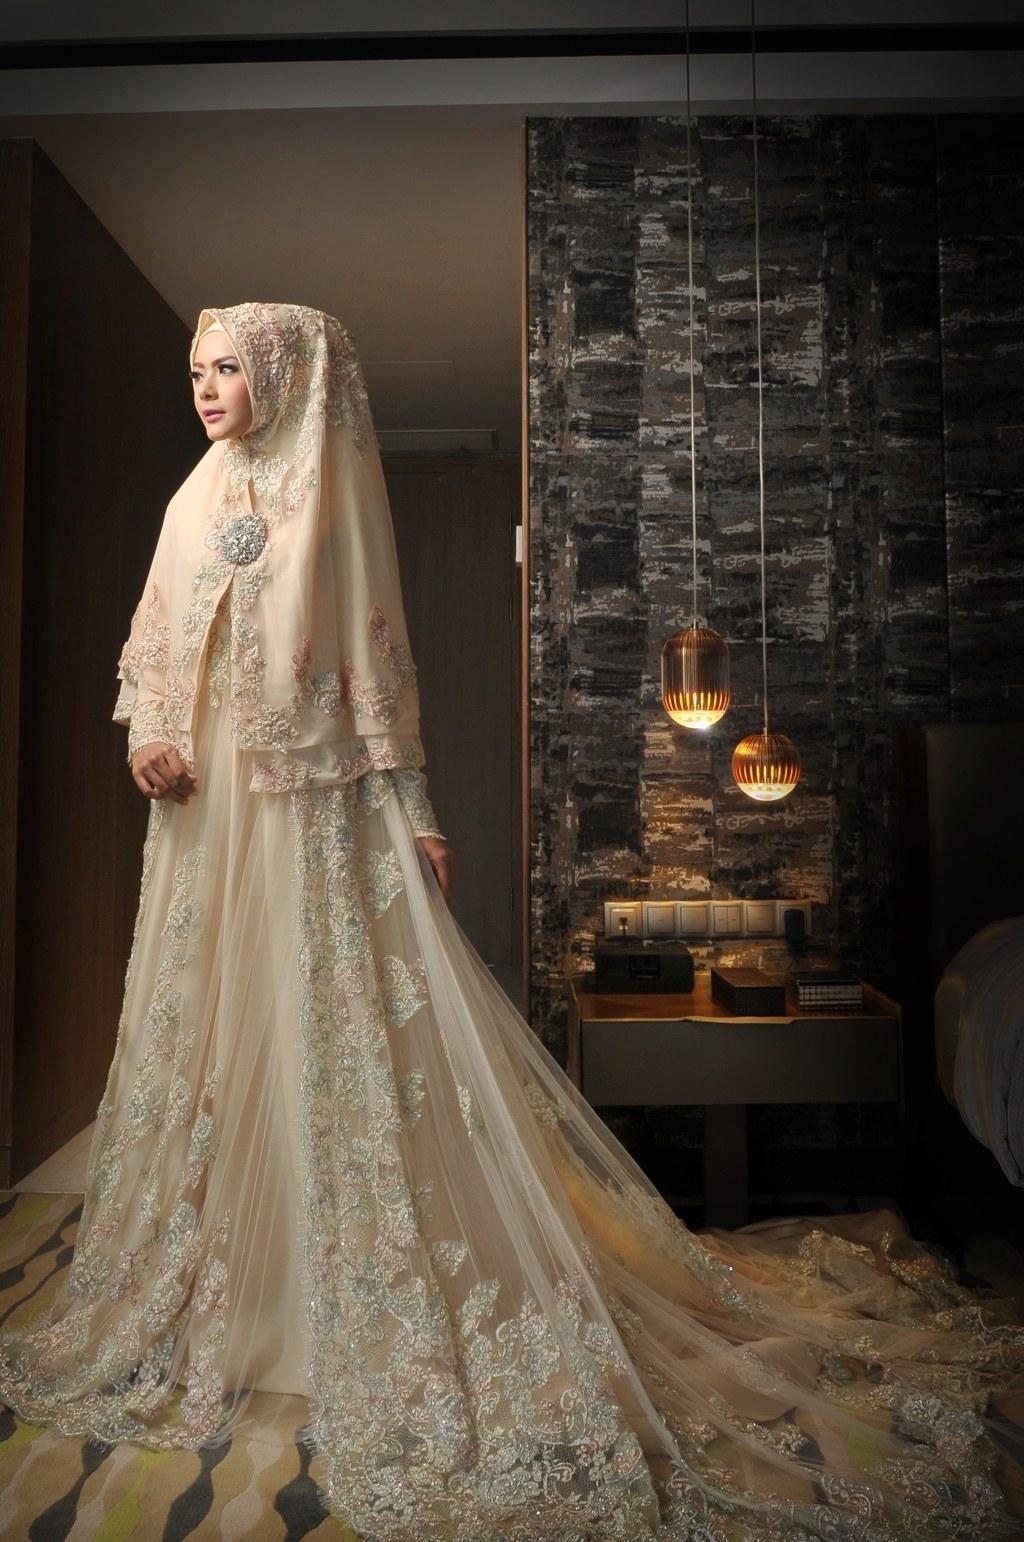 Inspirasi Sewa Baju Pengantin Muslimah Jakarta Ftd8 80 Sewa Gaun Pengantin Dan Make Up Jakarta